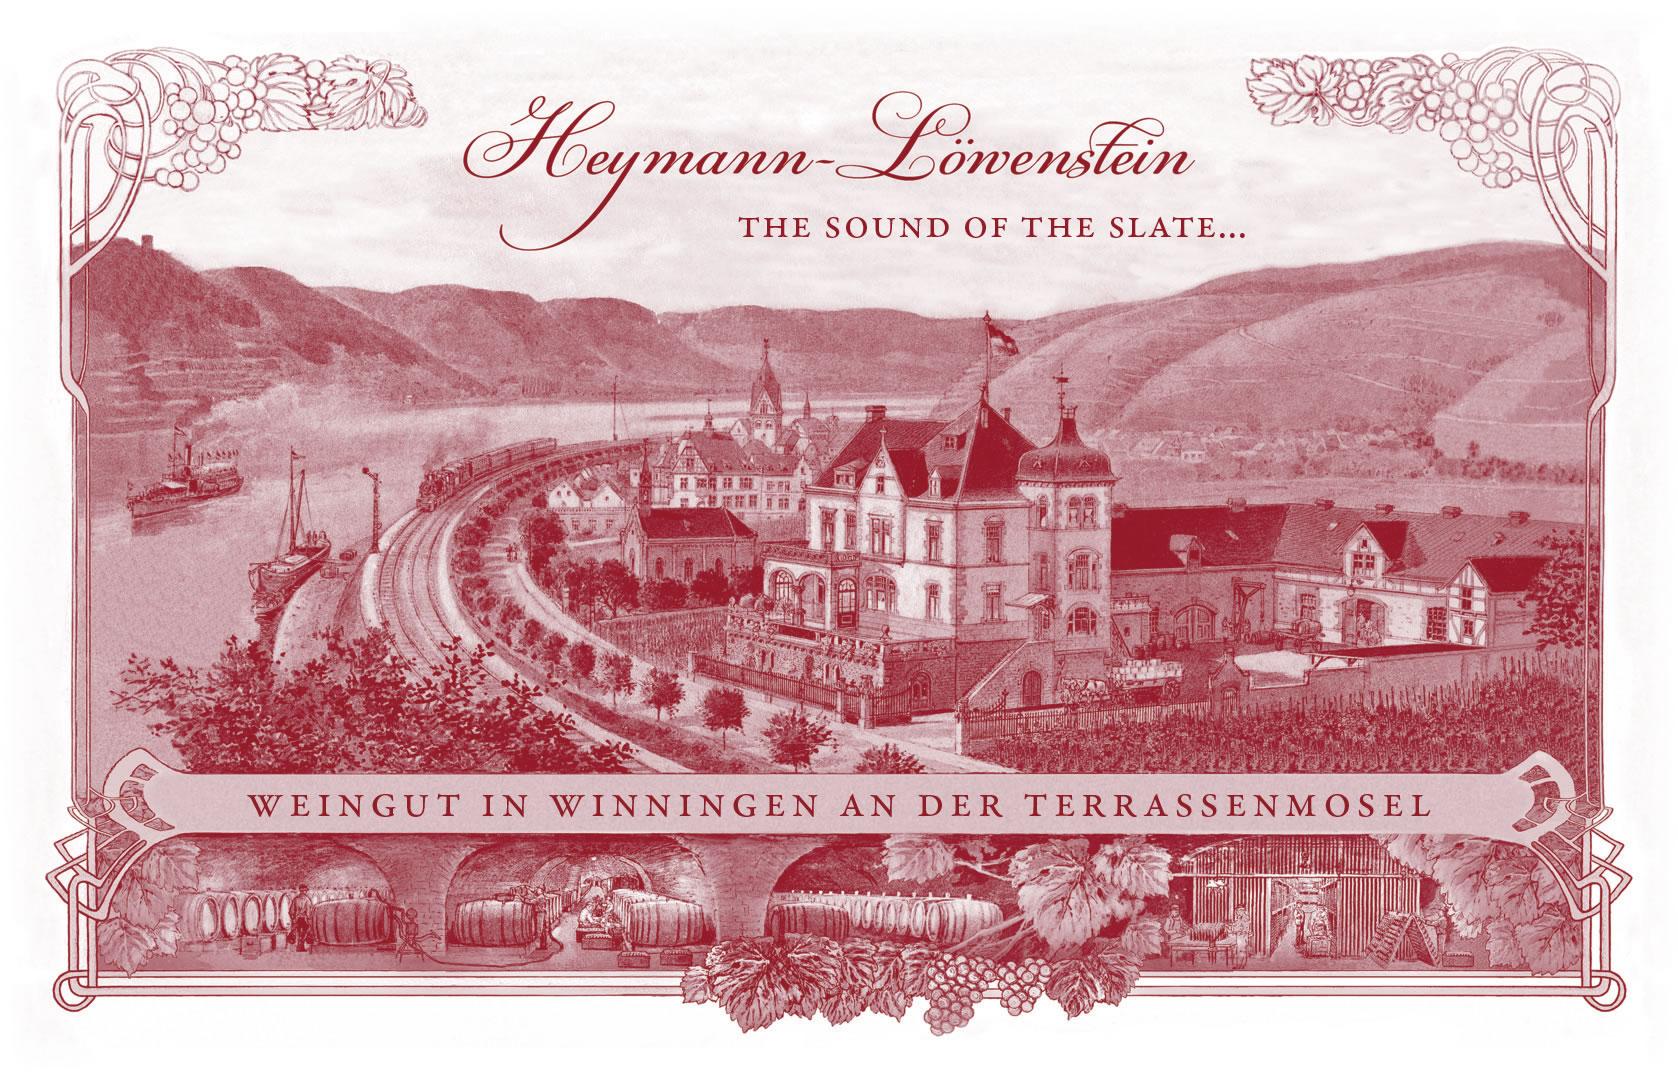 Heymann-Löwenstein Gravure.jpg